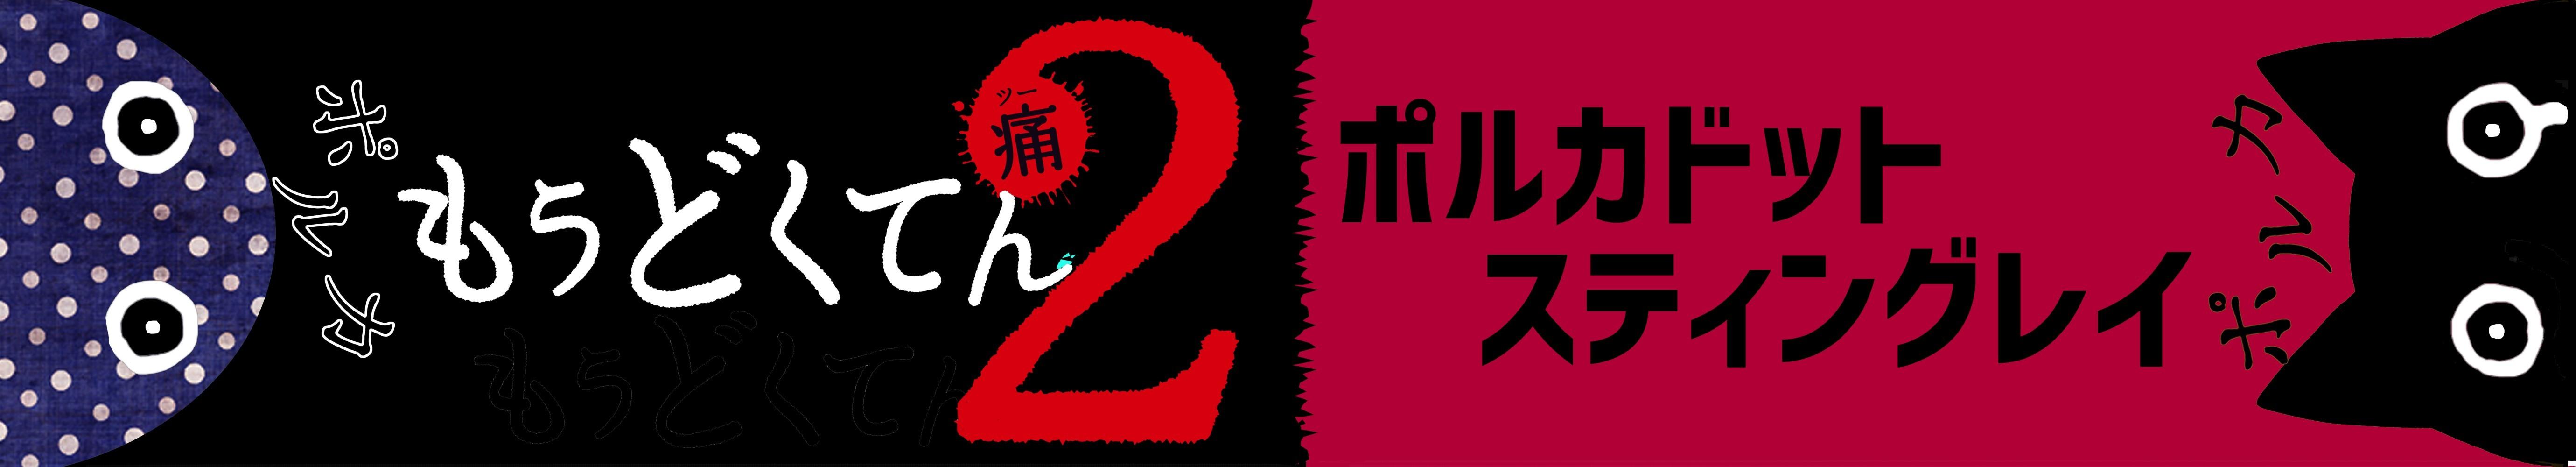 ポルカドットスティングレイ×特別展『毒毒毒毒毒毒毒毒毒展・痛(もうどく展2)』